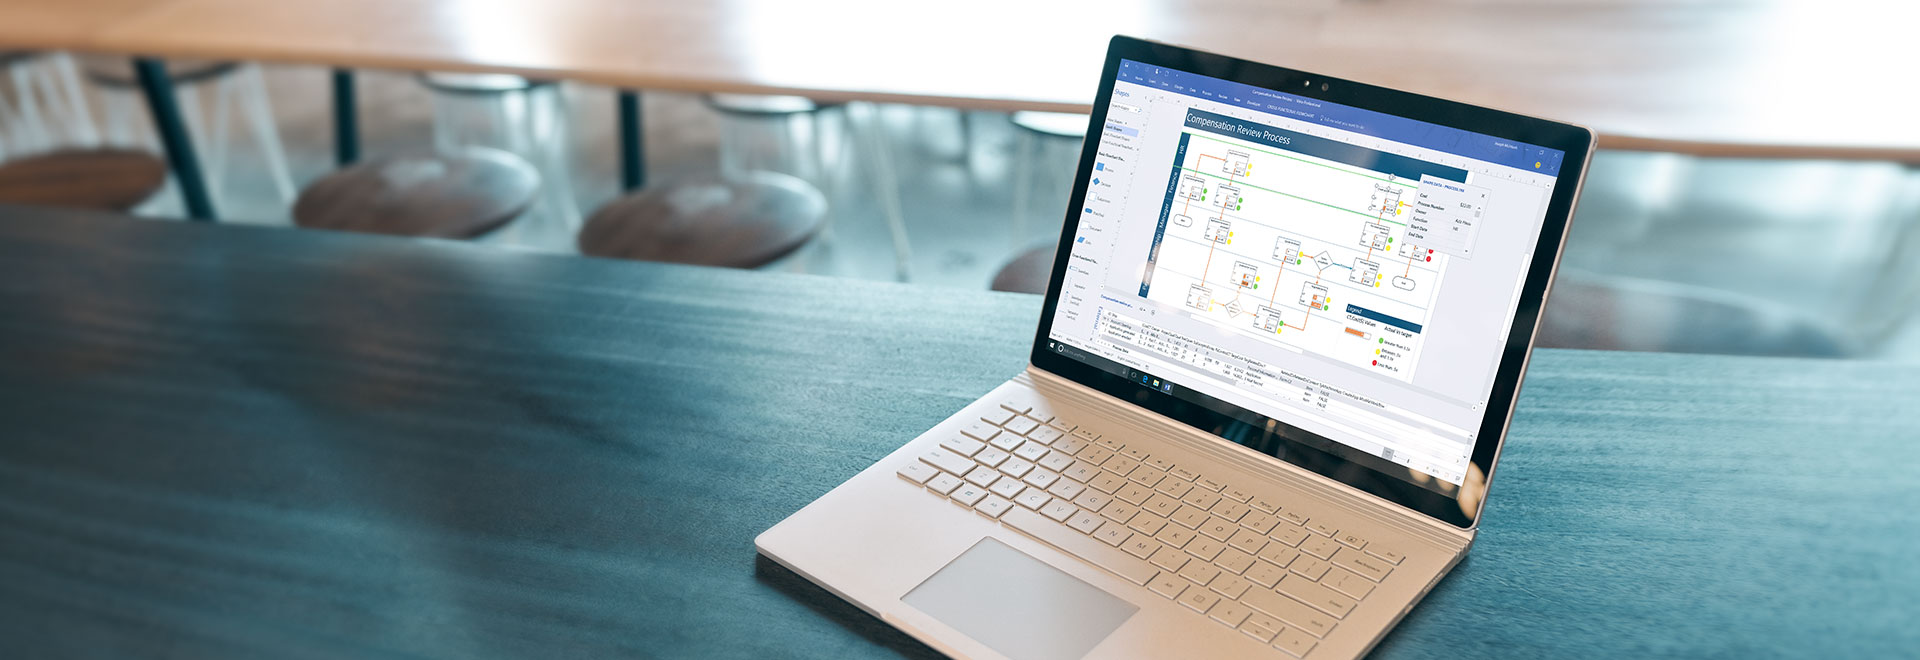 """Nešiojamasis kompiuteris, kurio ekrane rodoma proceso darbo eigos diagrama programoje """"Visio Online Plan 2"""""""